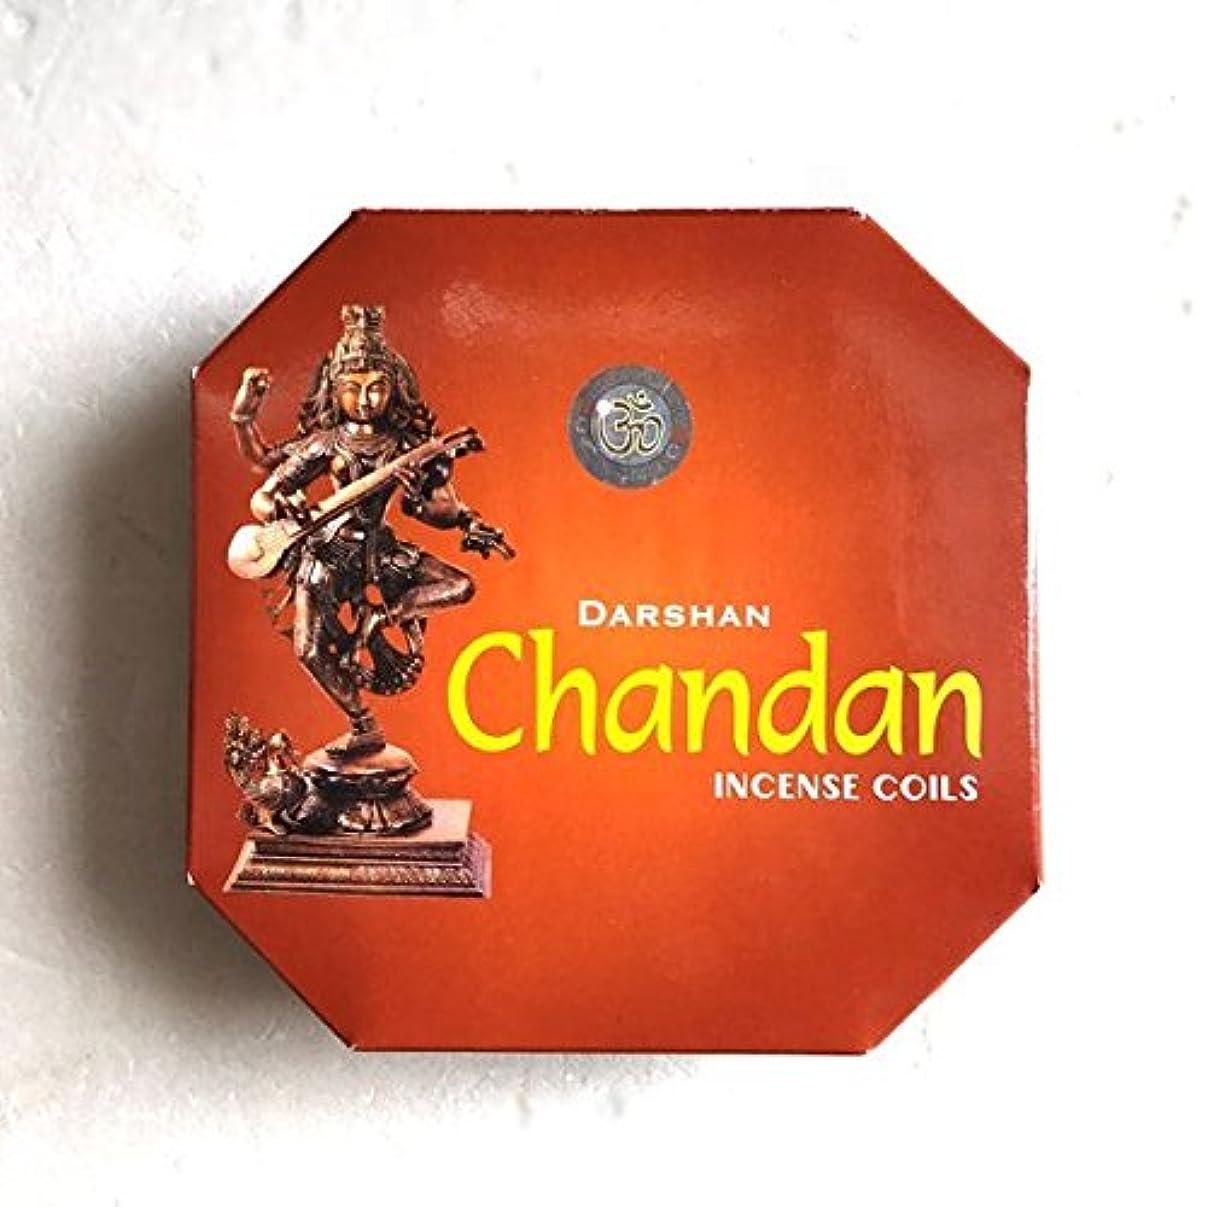 シルク玉ねぎ繰り返したバリタイ『Chandan』チャンダン(白檀) 渦巻き香